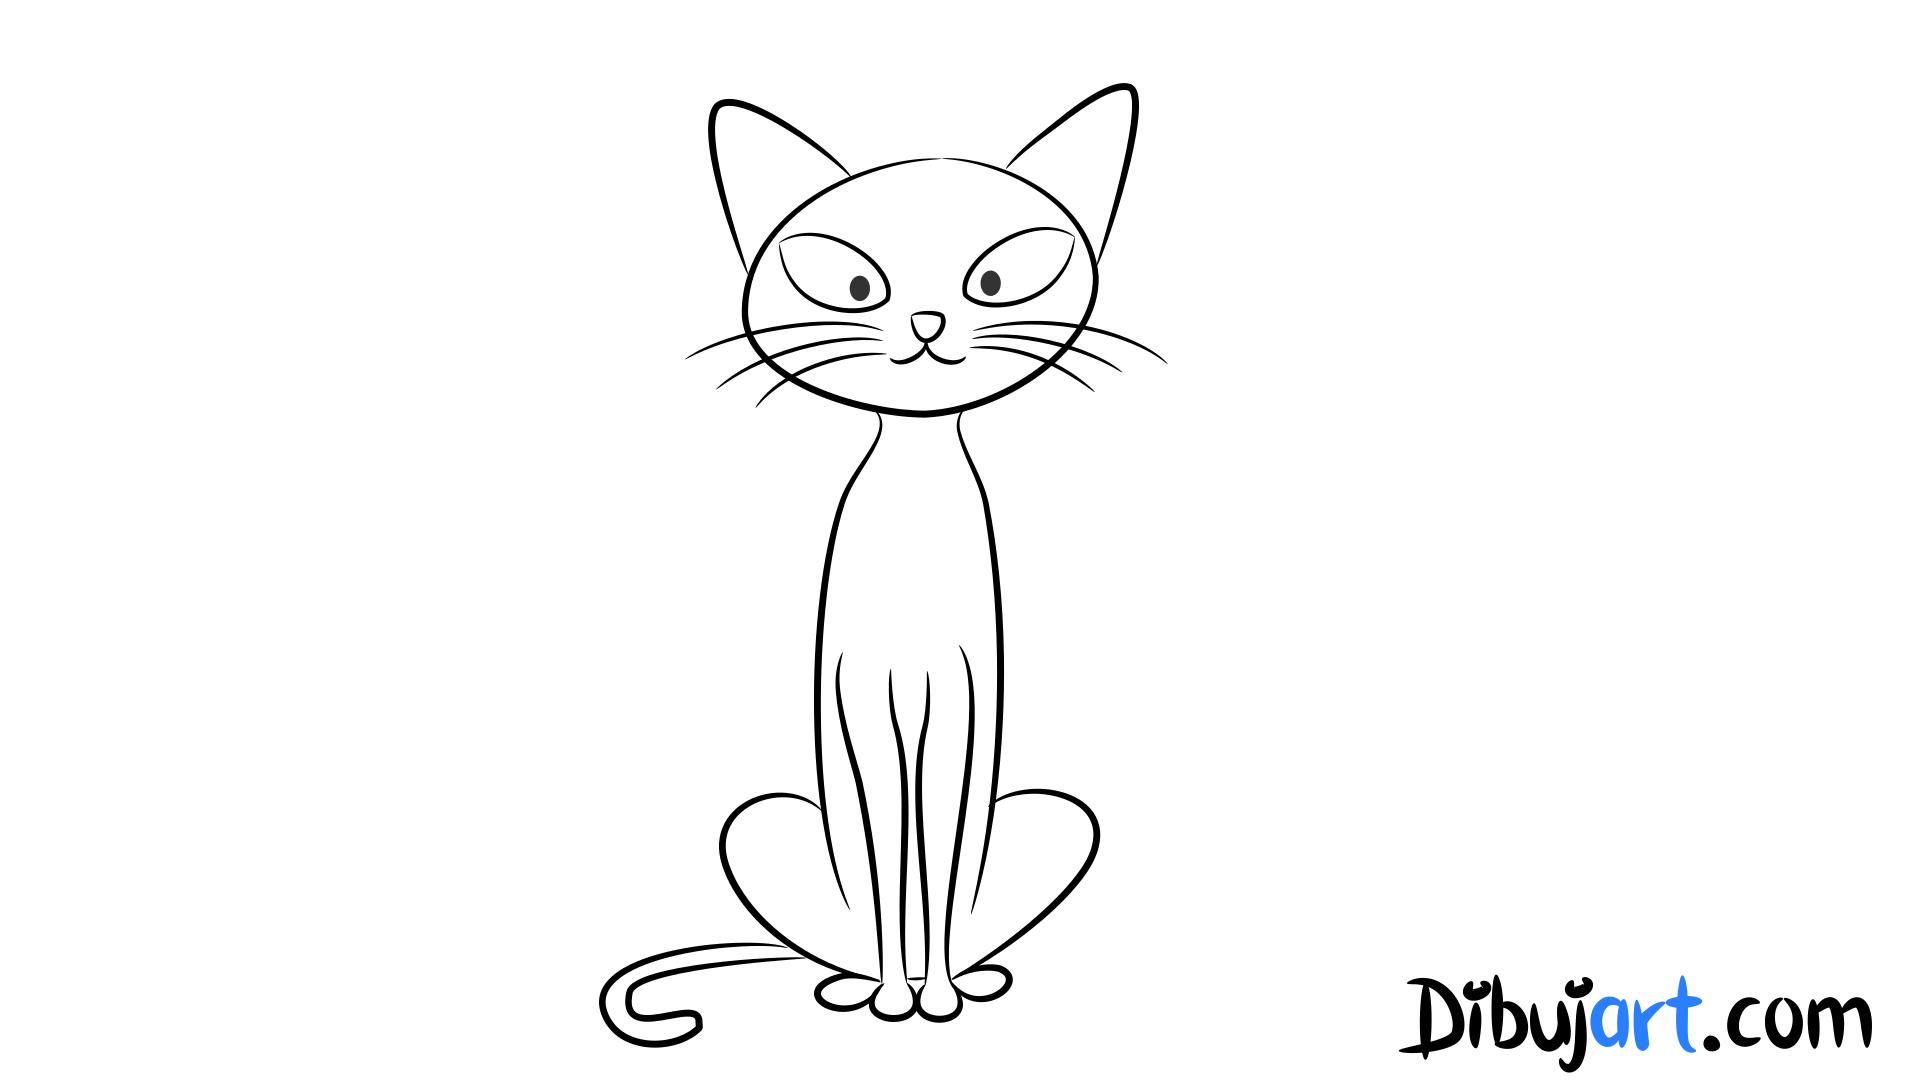 Cómo dibujar un gato sencillo , Sketch o Bosquejo para colorear